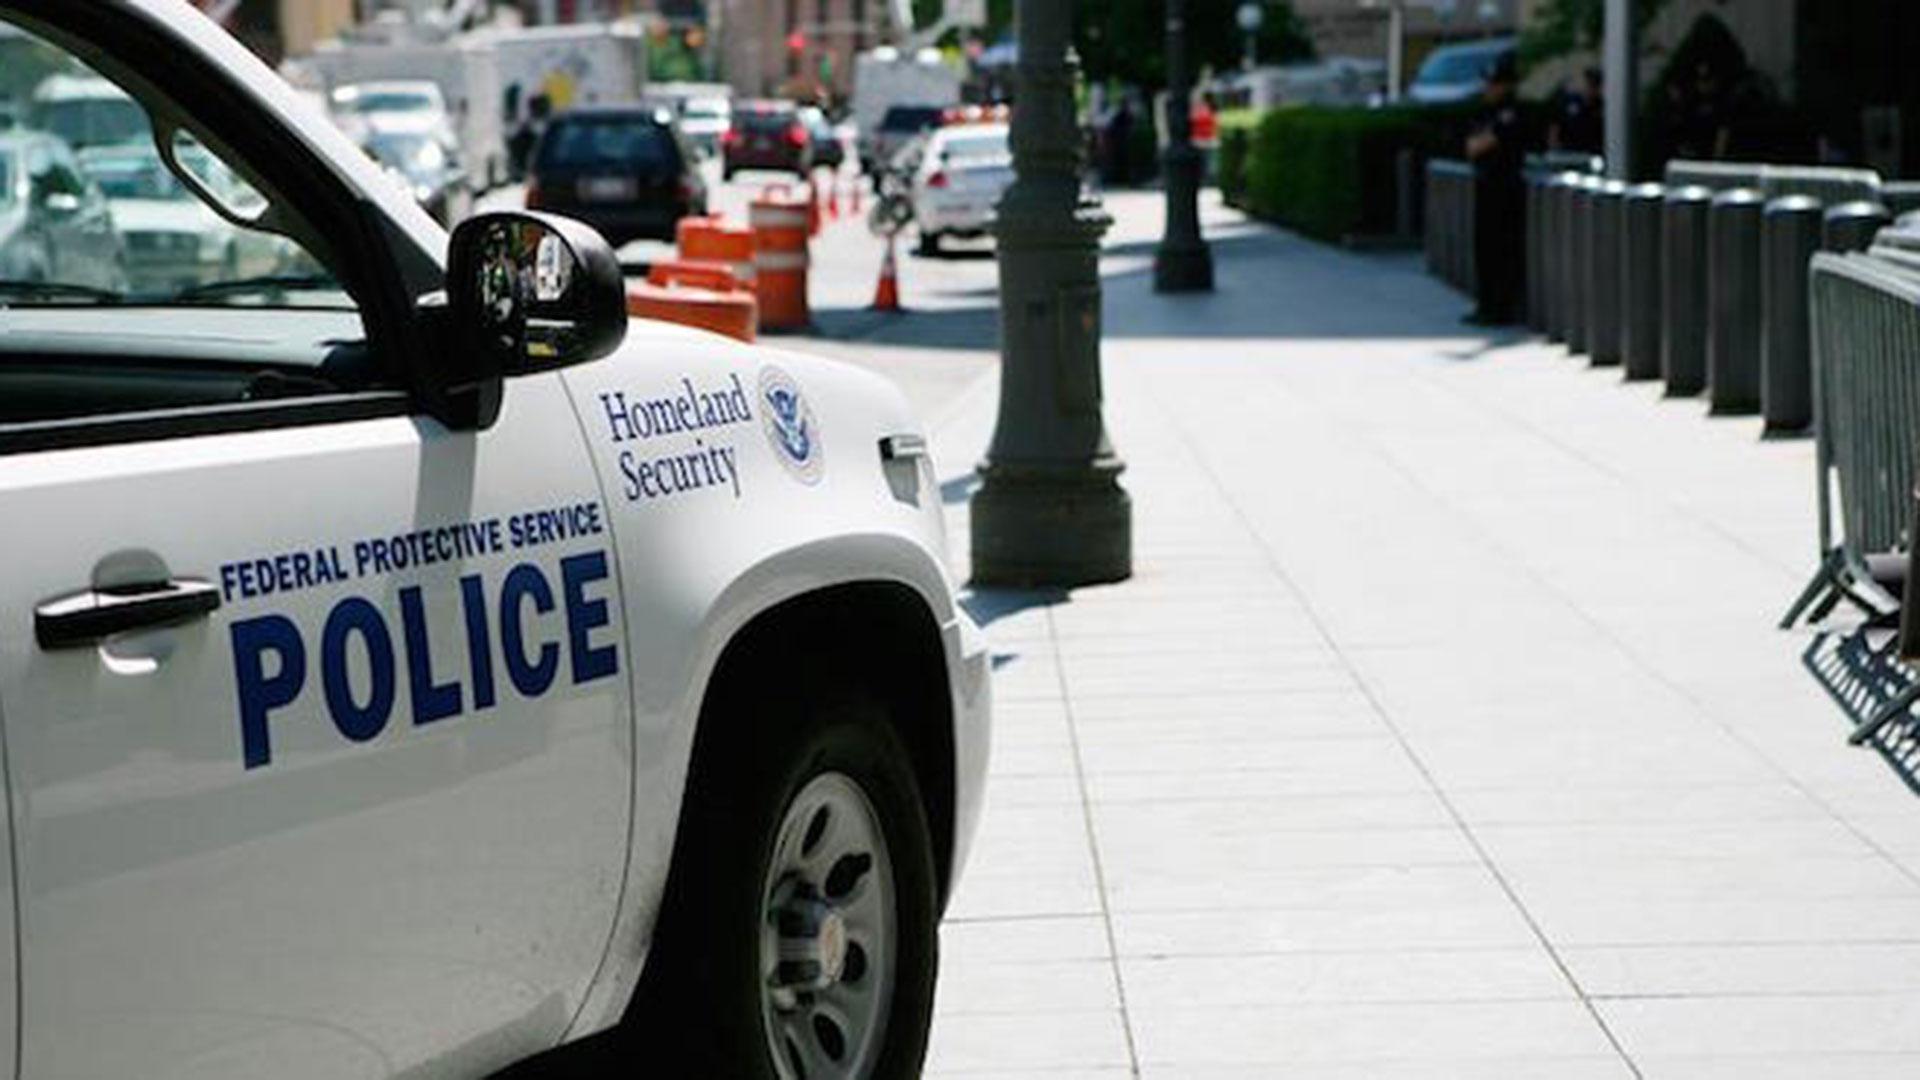 Un grupo especial de desactivación de explosivos, del FBI y del Departamento de Seguridad Nacional se personaron en la casa y hallaron una bomba de fabricación casera y armas de las que no se ha especificado ni cantidad ni tipo